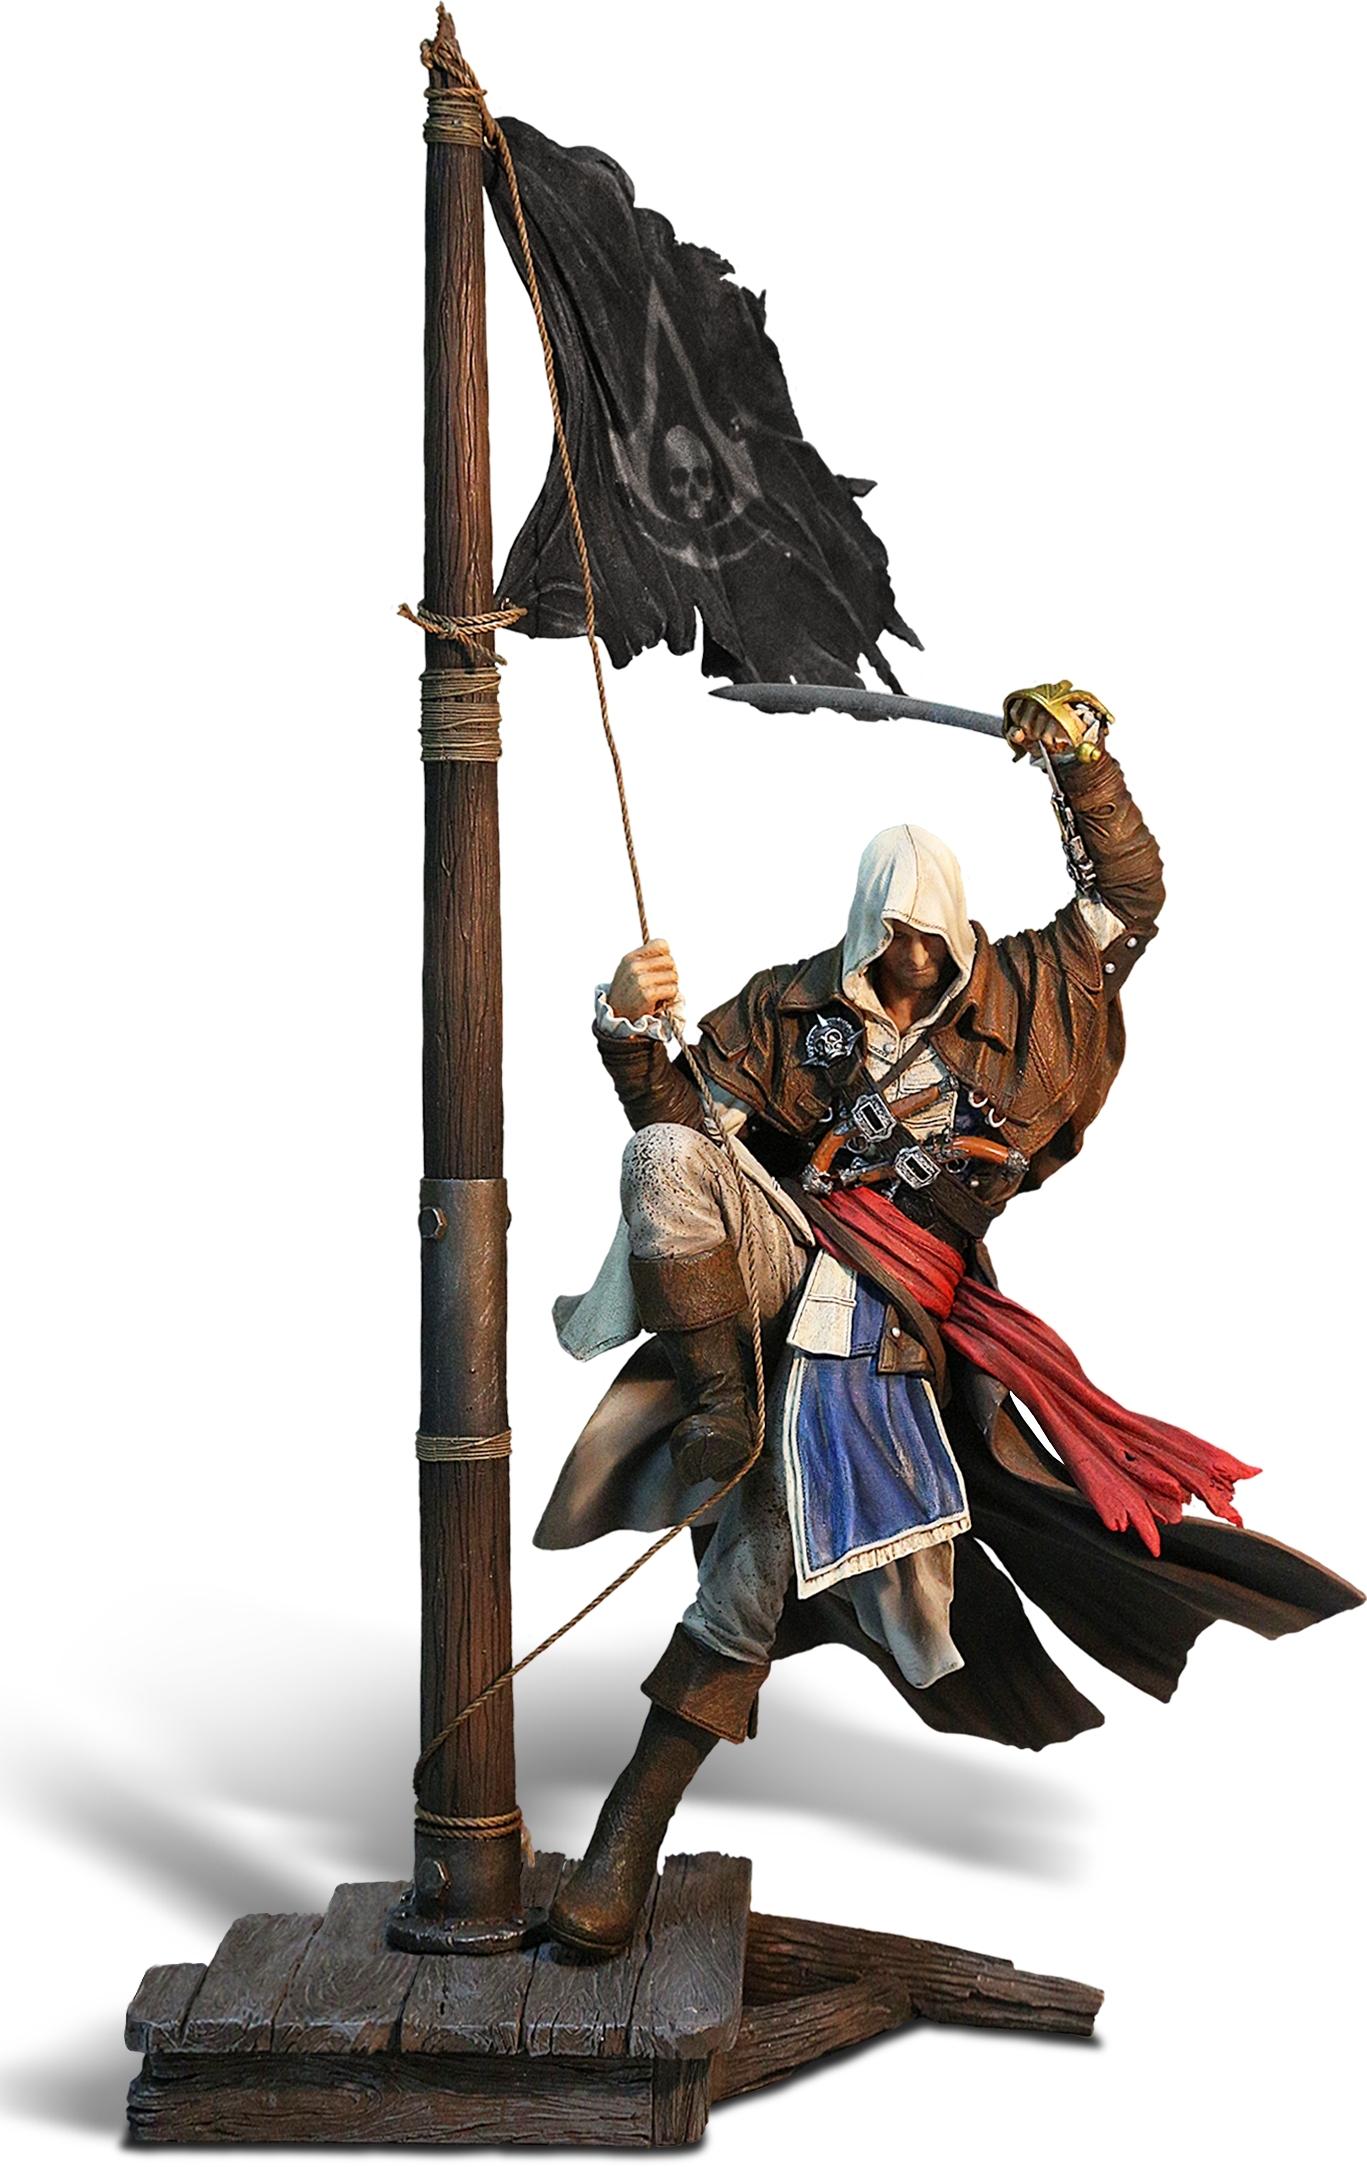 Фигурка Assassins Creed IV Edward Kenway: Master of the Seas (45 см)Для самых преданных фанатов серии игр Assassins Creed мы подготовили подарок! Только в «1С&amp;nbsp;Интерес» вы можете стать обладателем фигурки Assassins Creed IV Edward Kenway: Master of the Seas!<br>